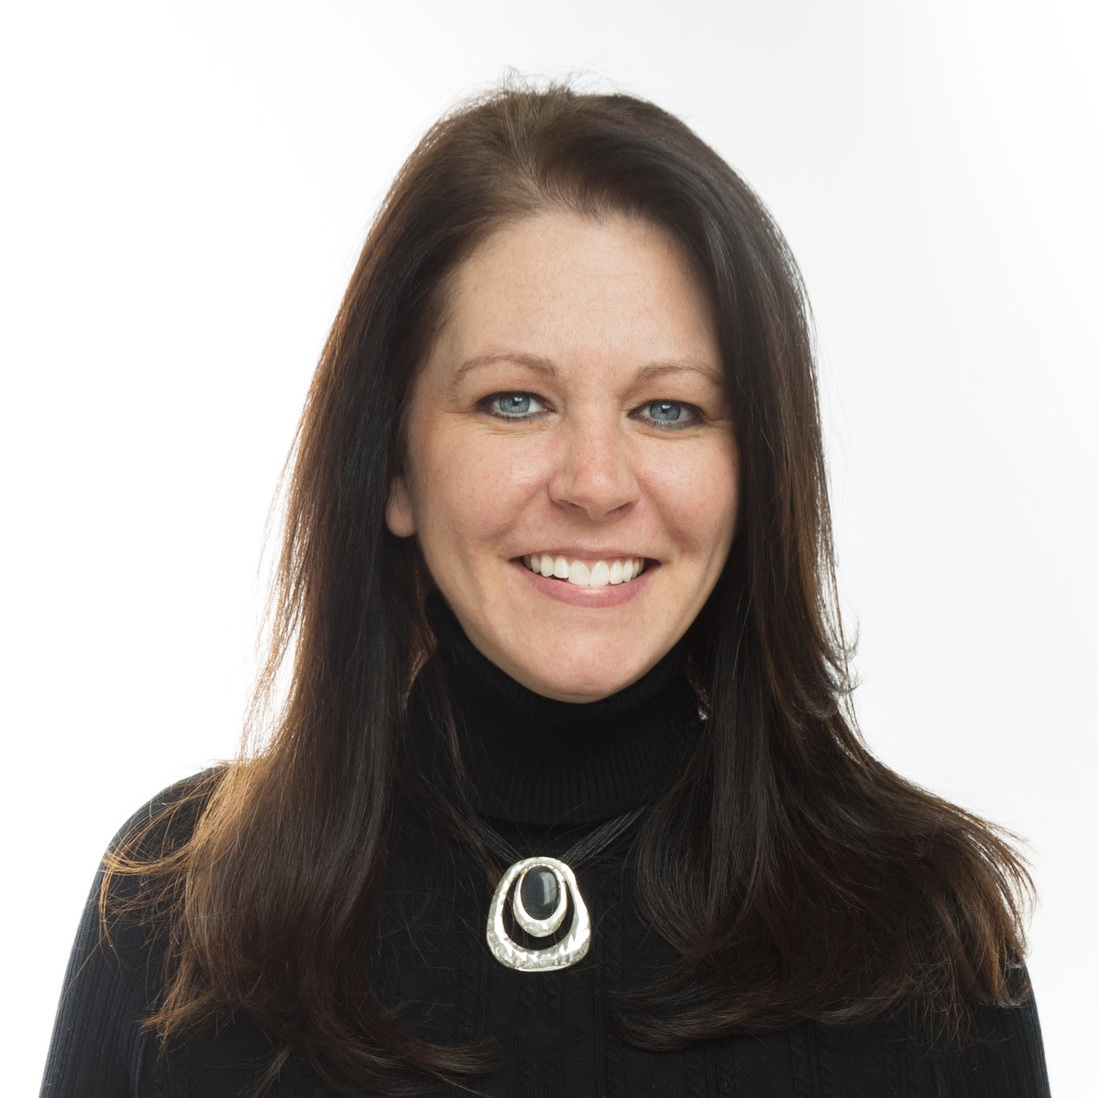 Susan+Caulfield+Business.jpg